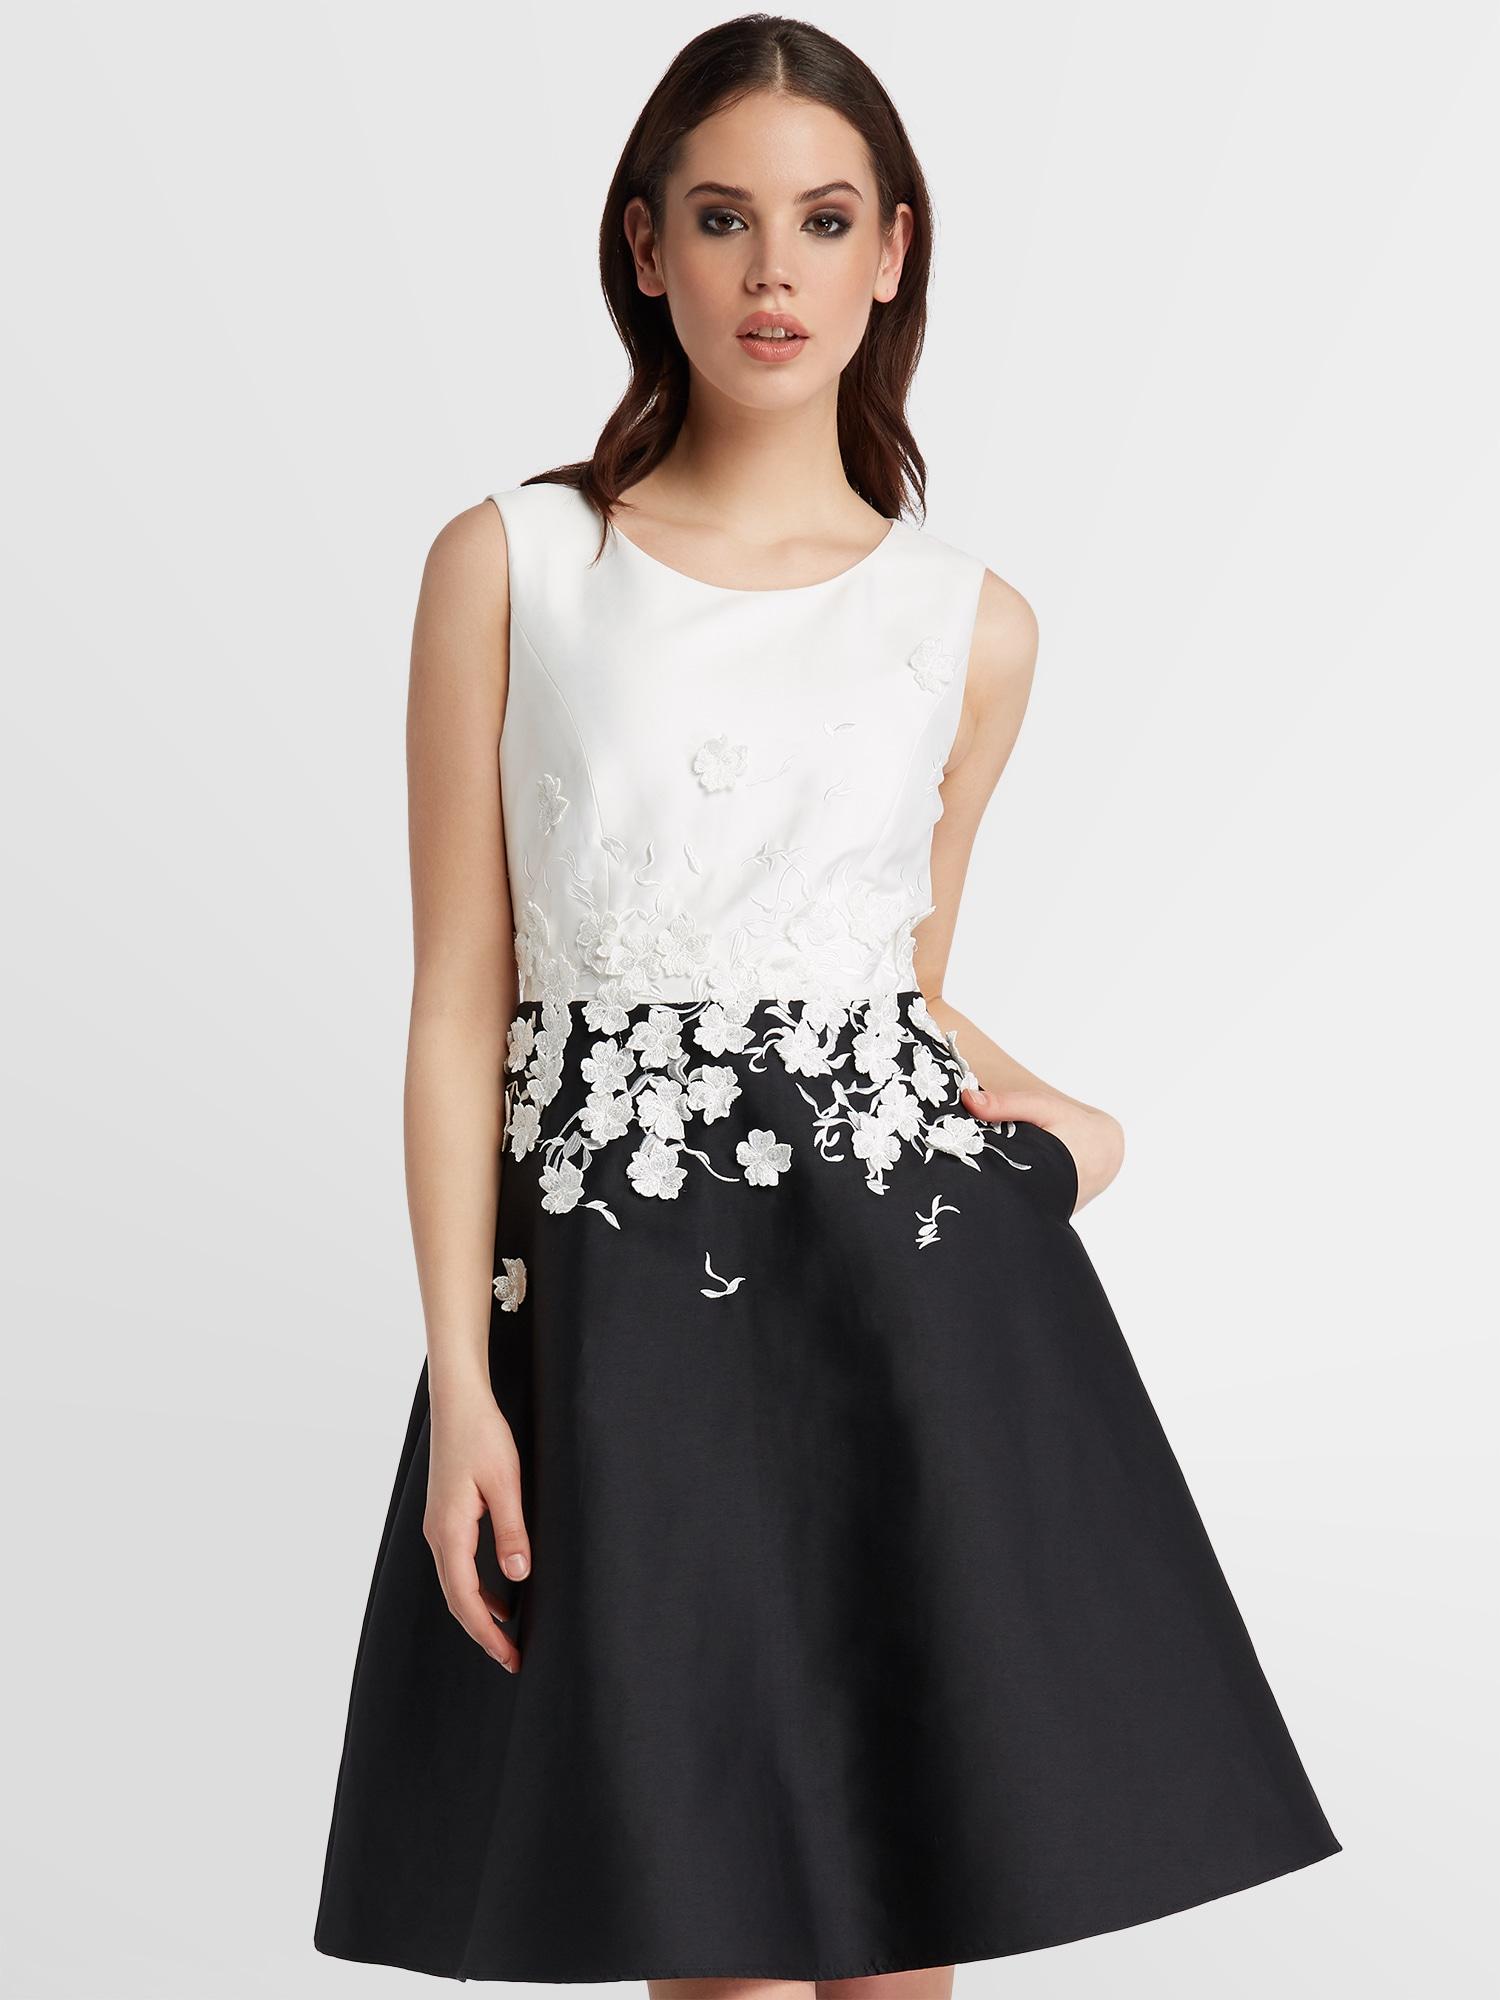 APART Kleid schwarz / perlweiß - Schwarzes Kleid